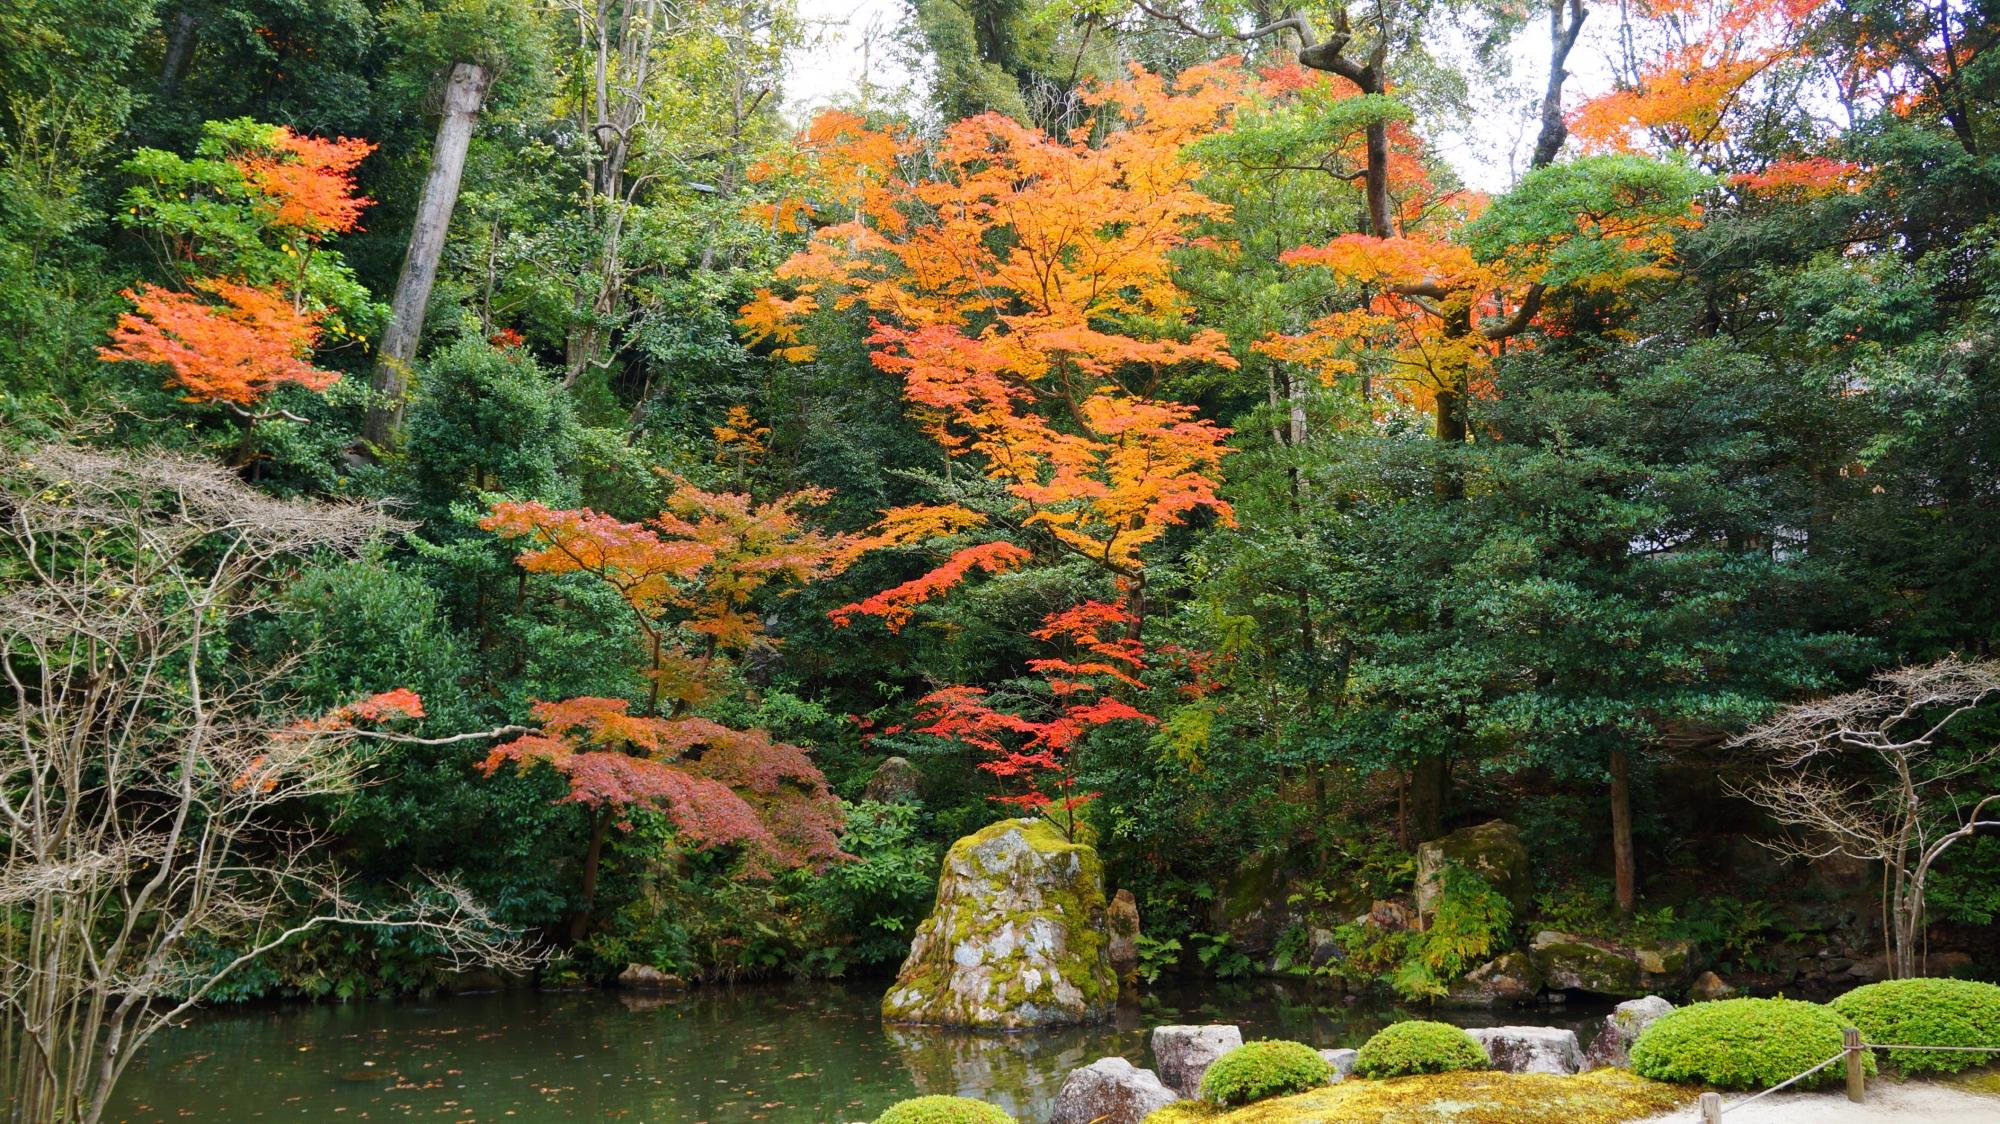 池の後ろを覆う深い緑と上品な彩りの紅葉